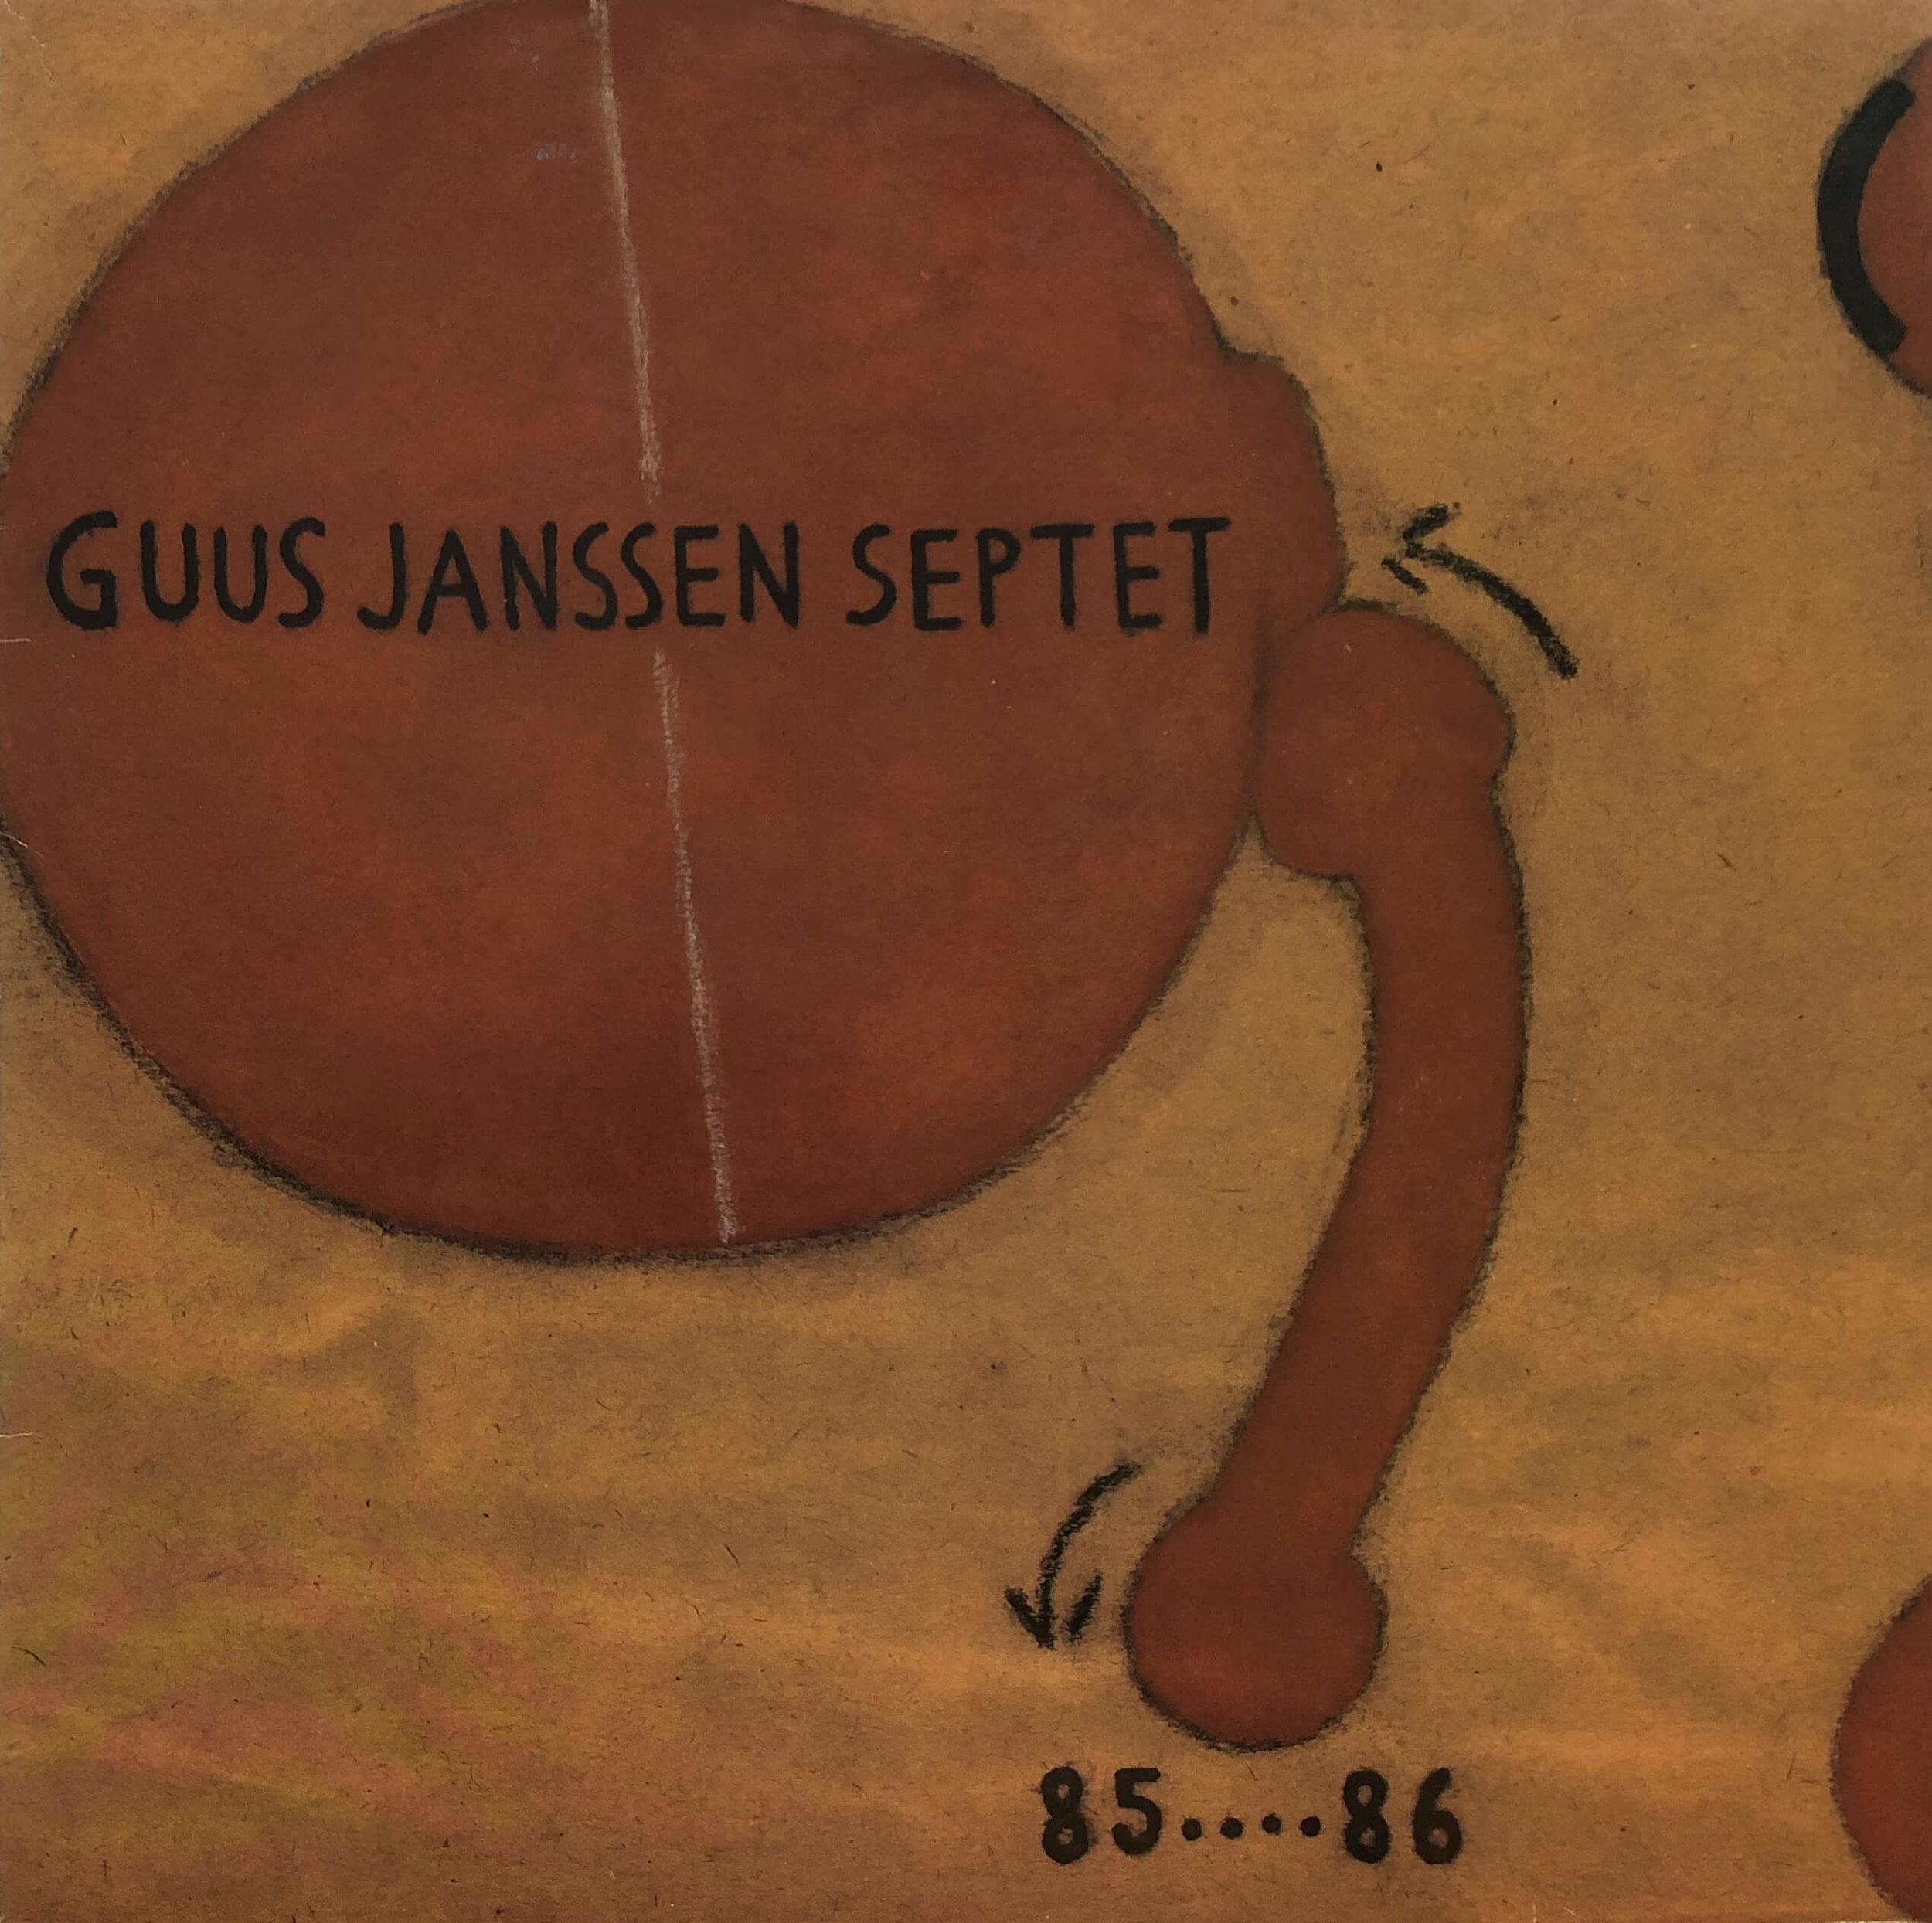 Guus Janssen Septet